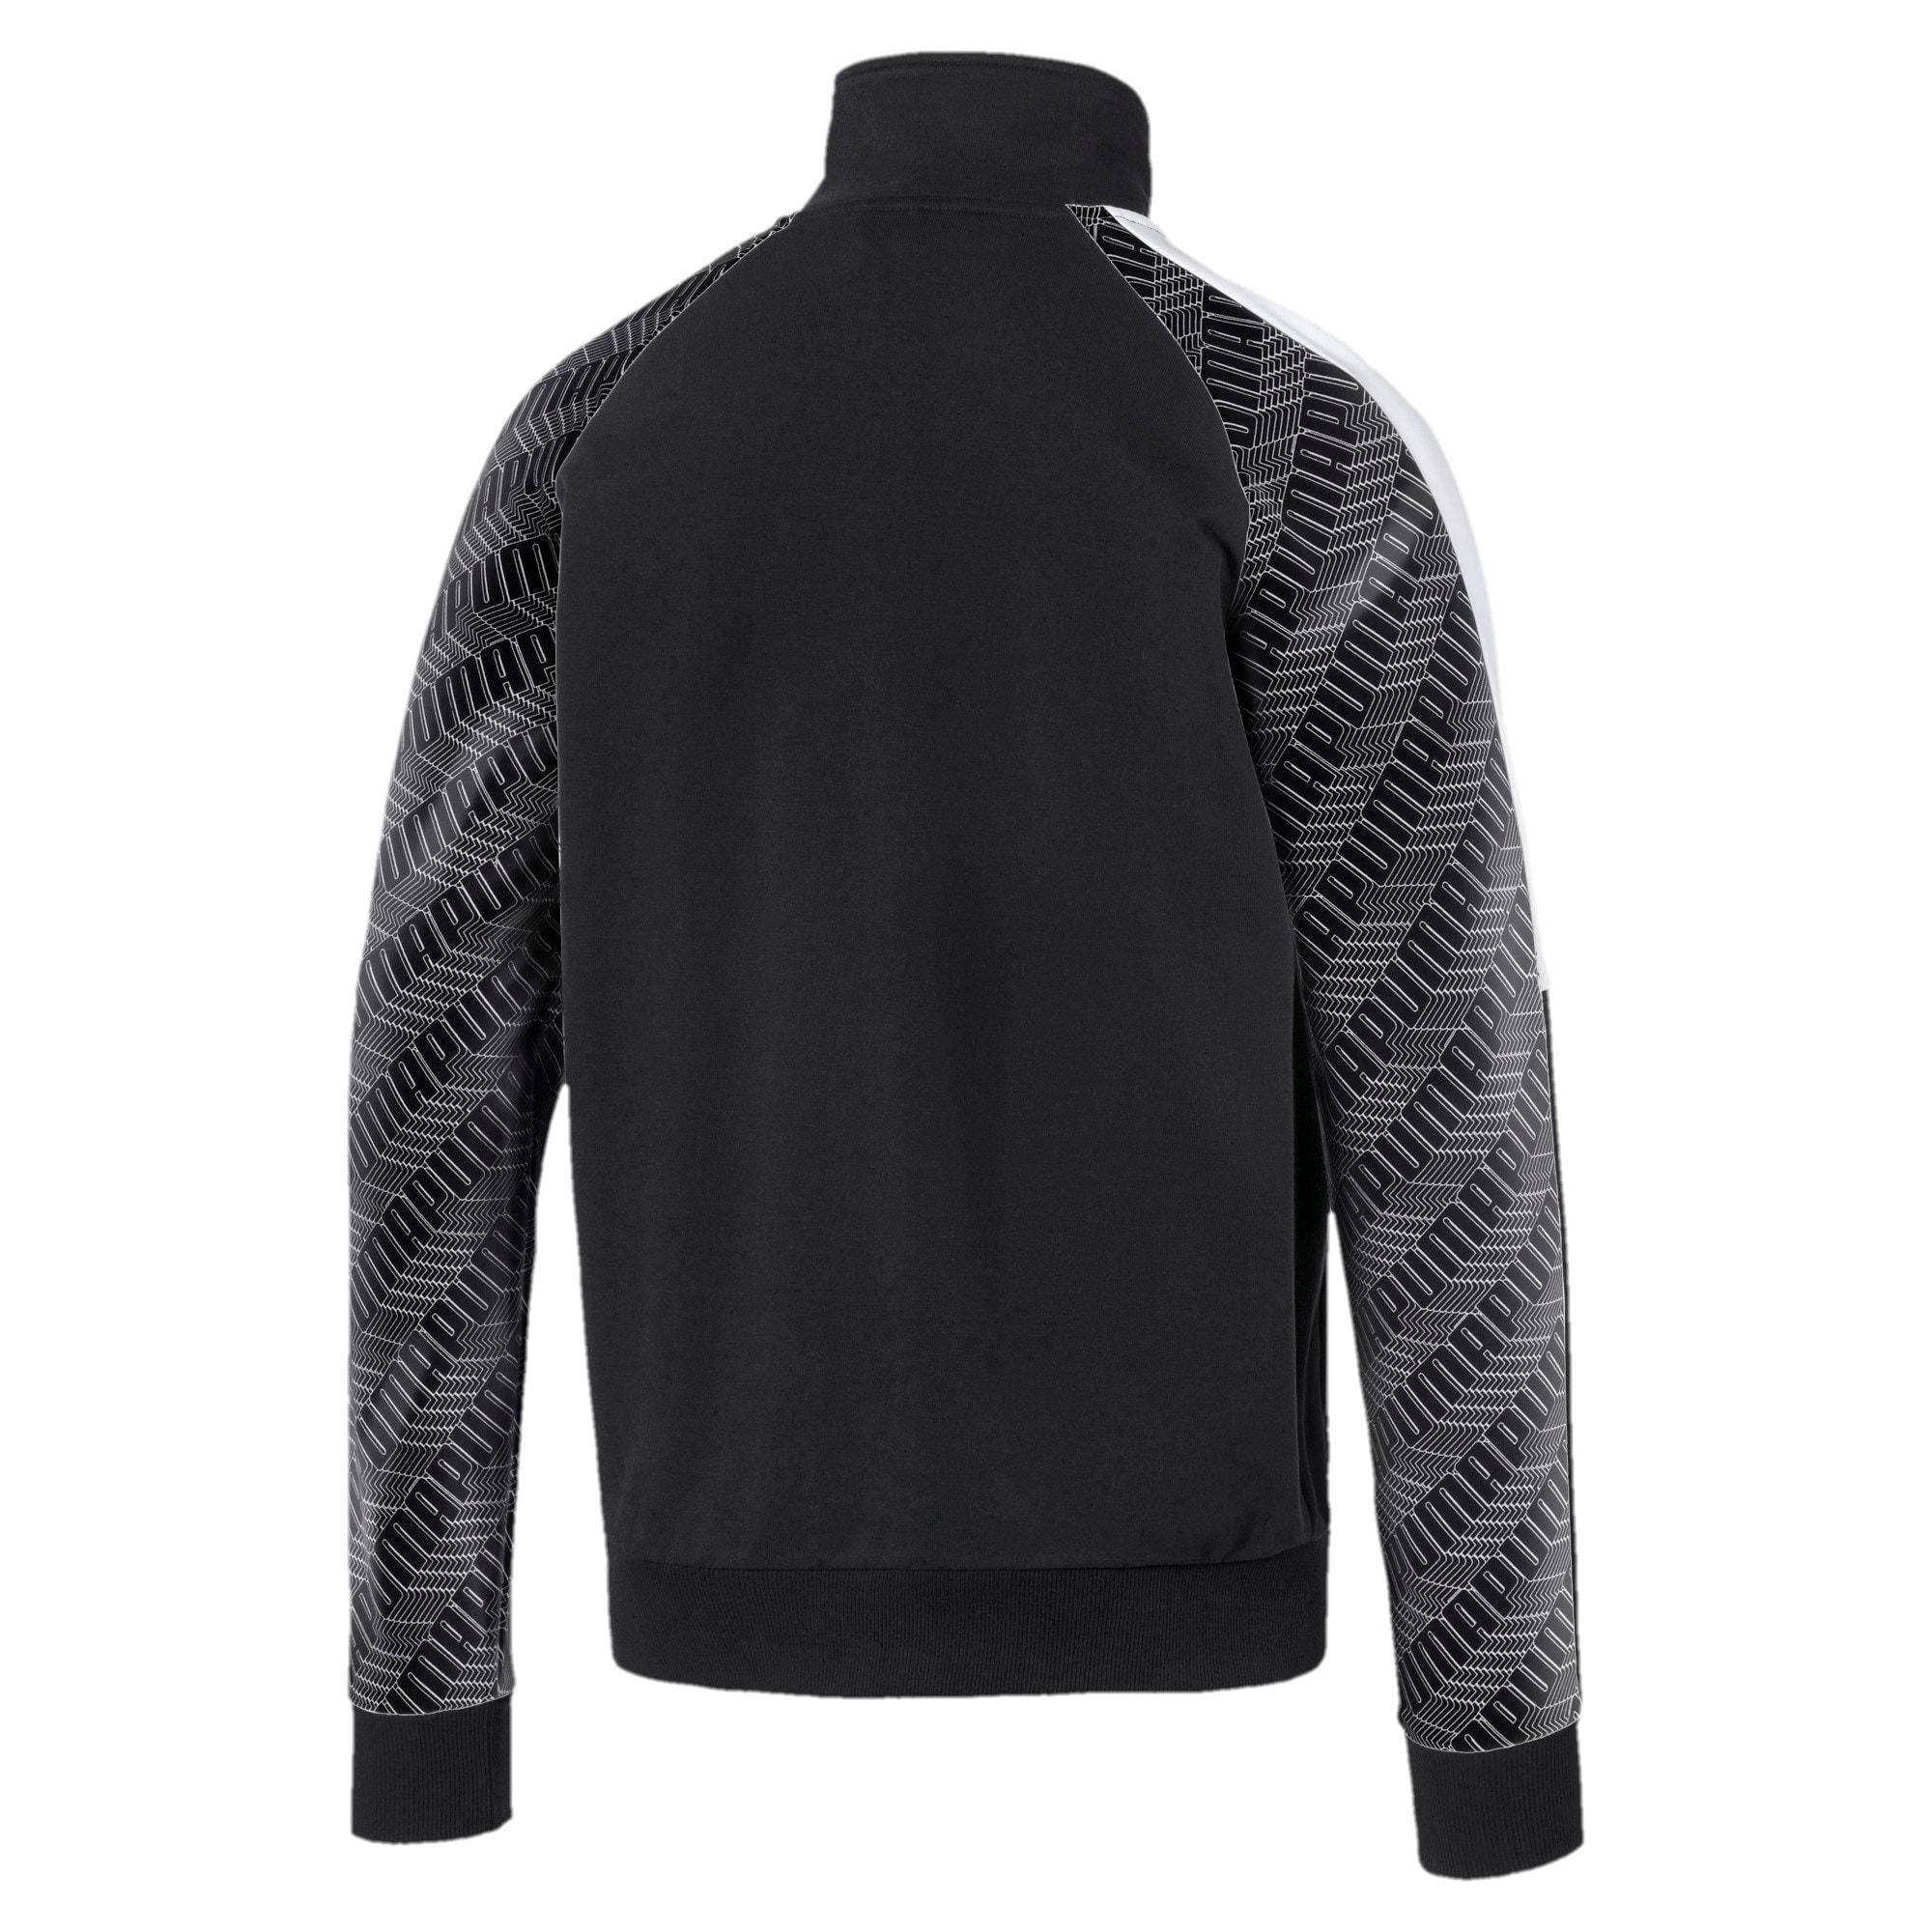 Thumbnail 2 of T7 Men's AOP Track Jacket, Puma Black-Repeat logo, medium